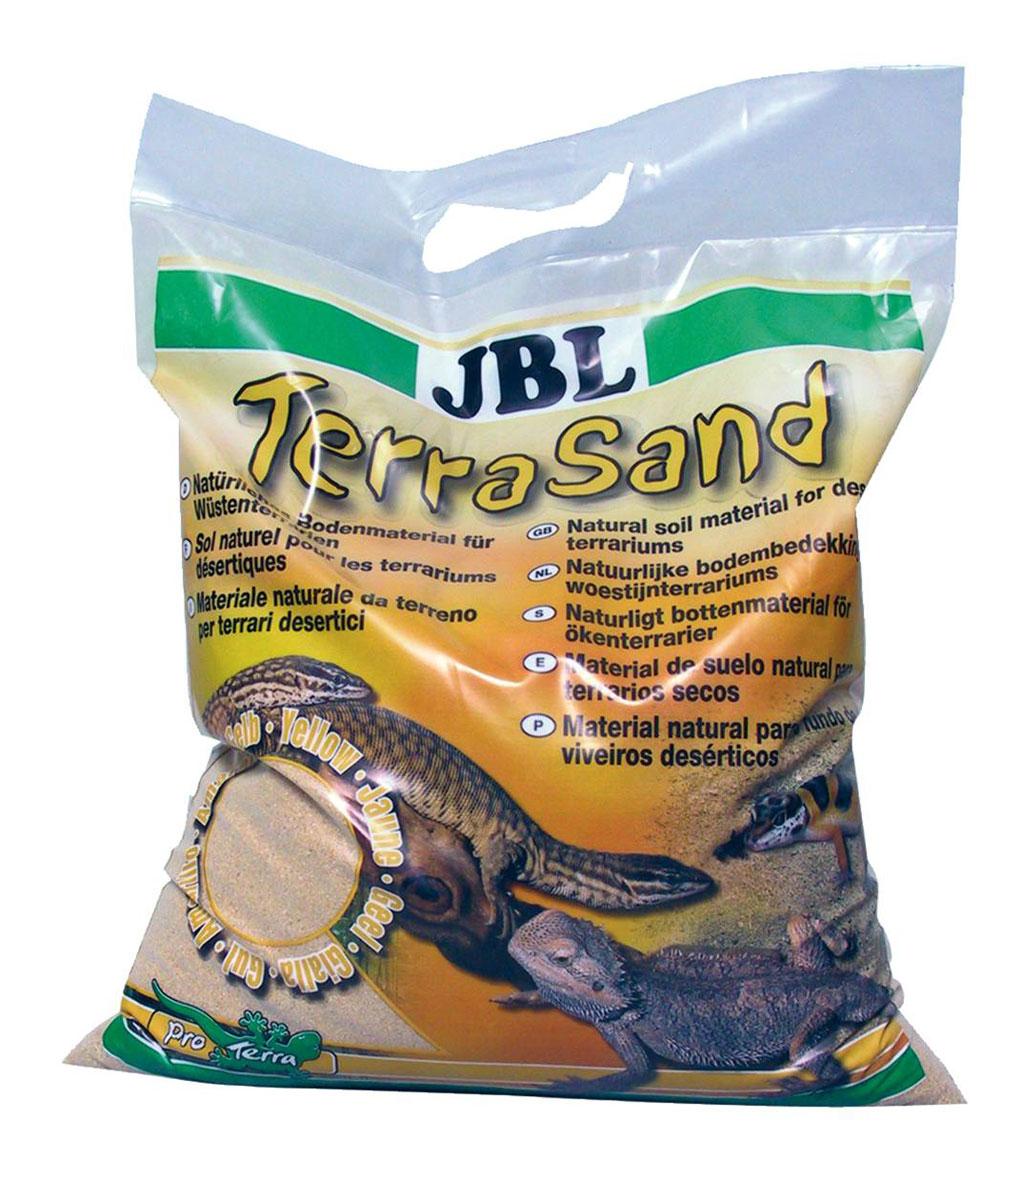 Донный грунт JBL TerraSand для сухих террариумов, цвет: натуральный желтый, 5 лJBL7101800JBL TerraSand natur-gelb - Донный грунт для сухих террариумов, цвет натуральный желтый, 5 л.